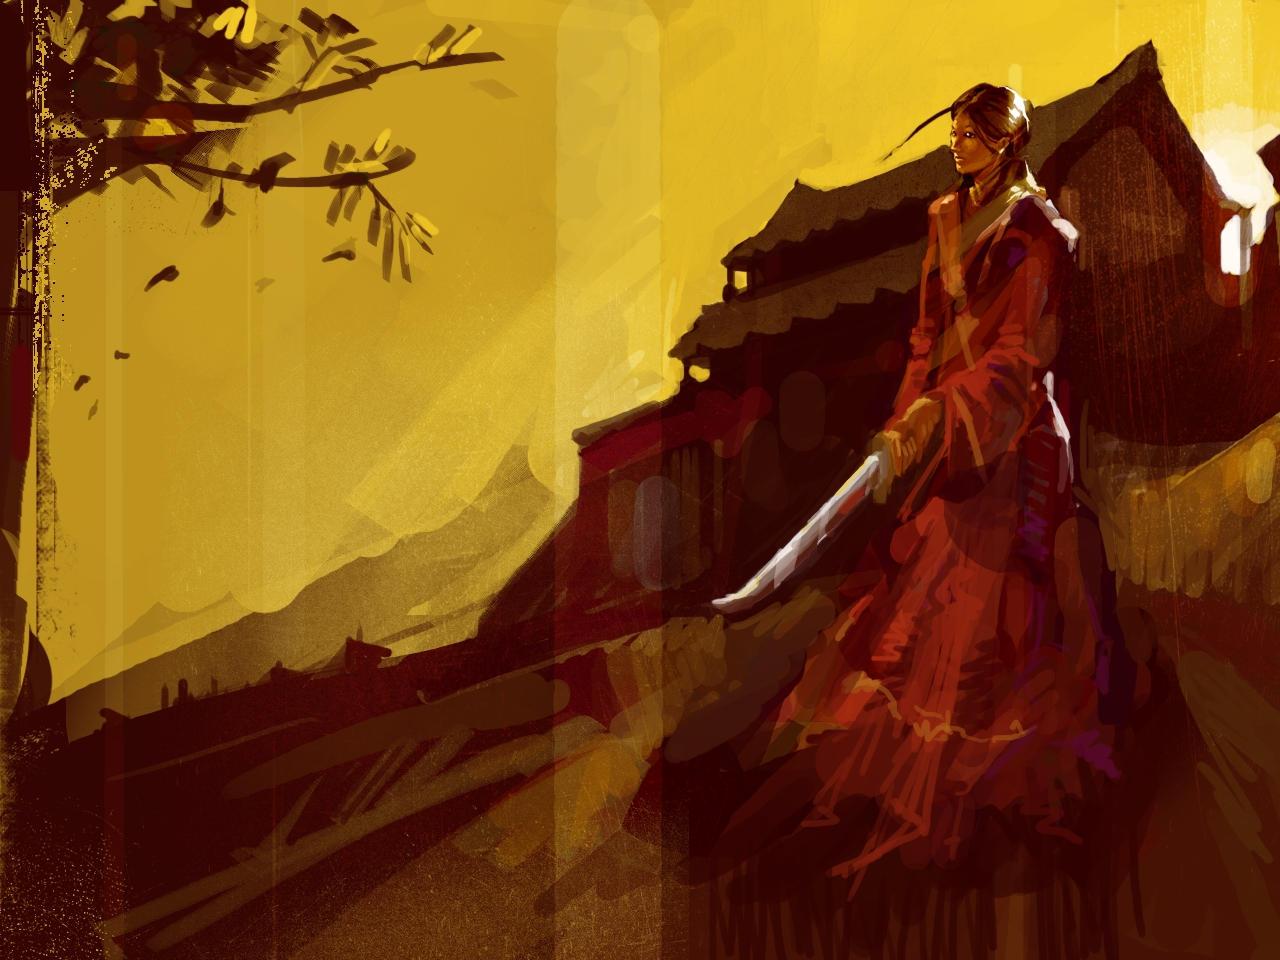 samurai girl by spx